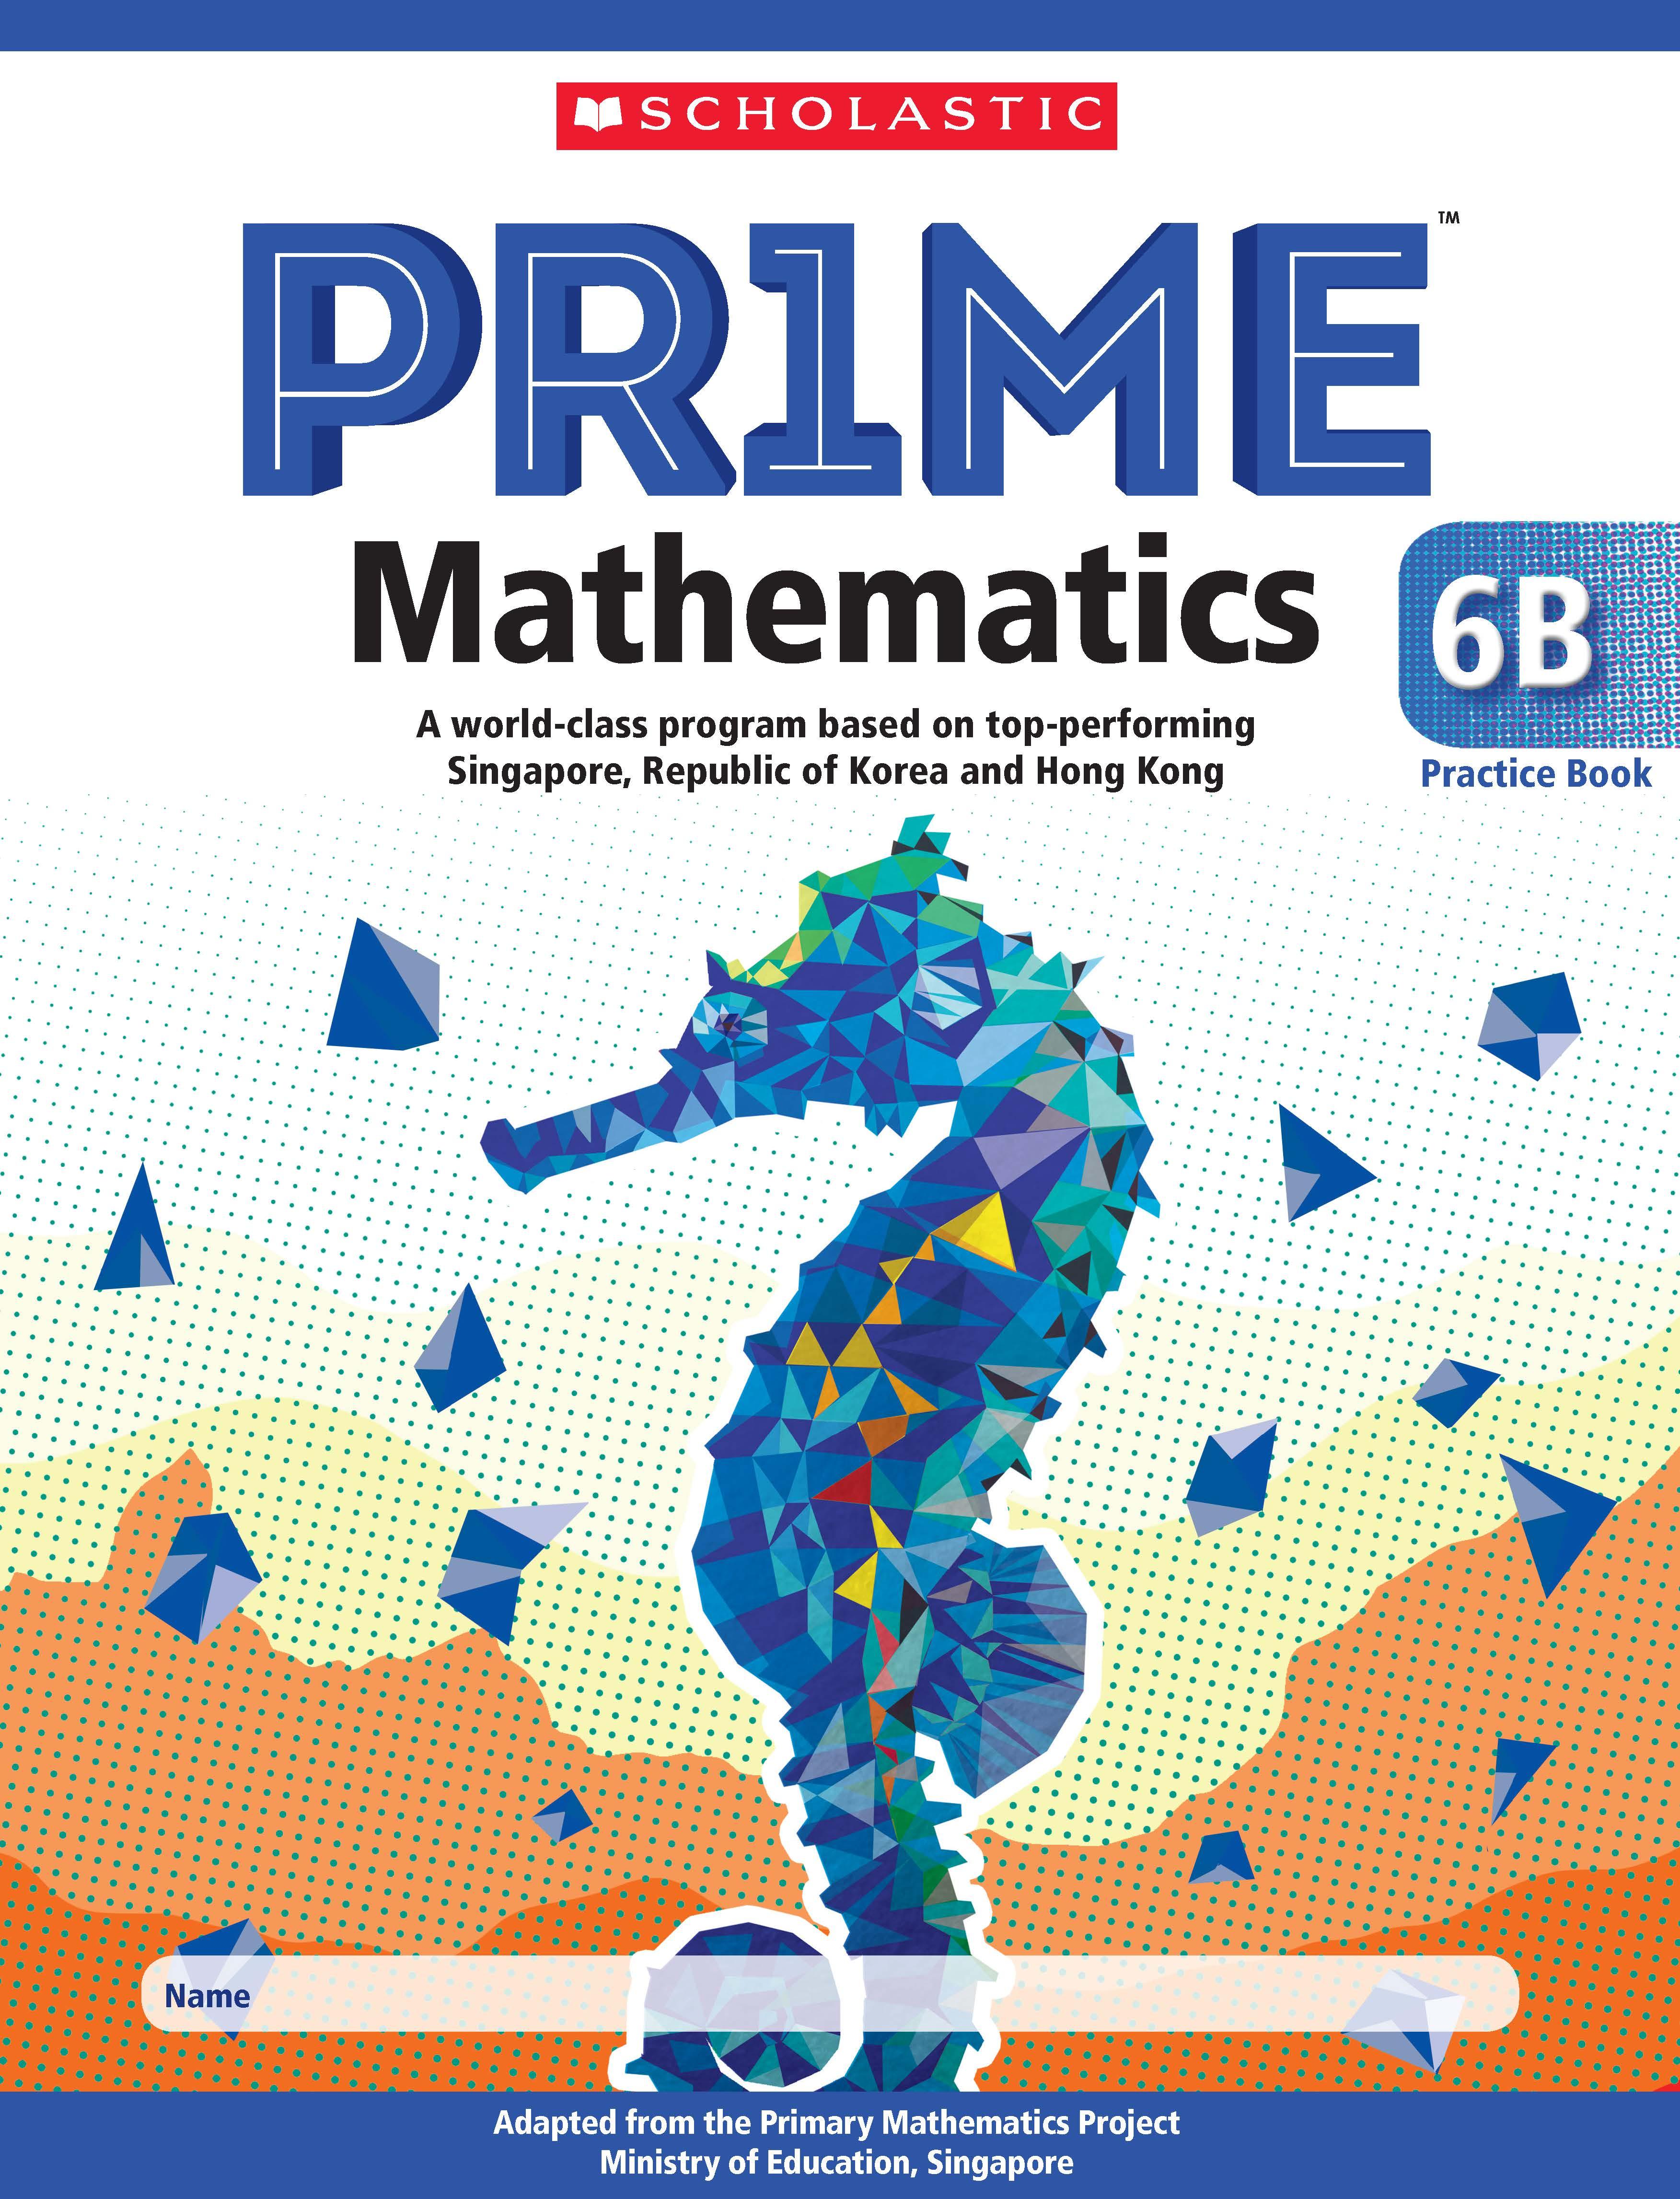 Prime Mathematics Practice Book 6B